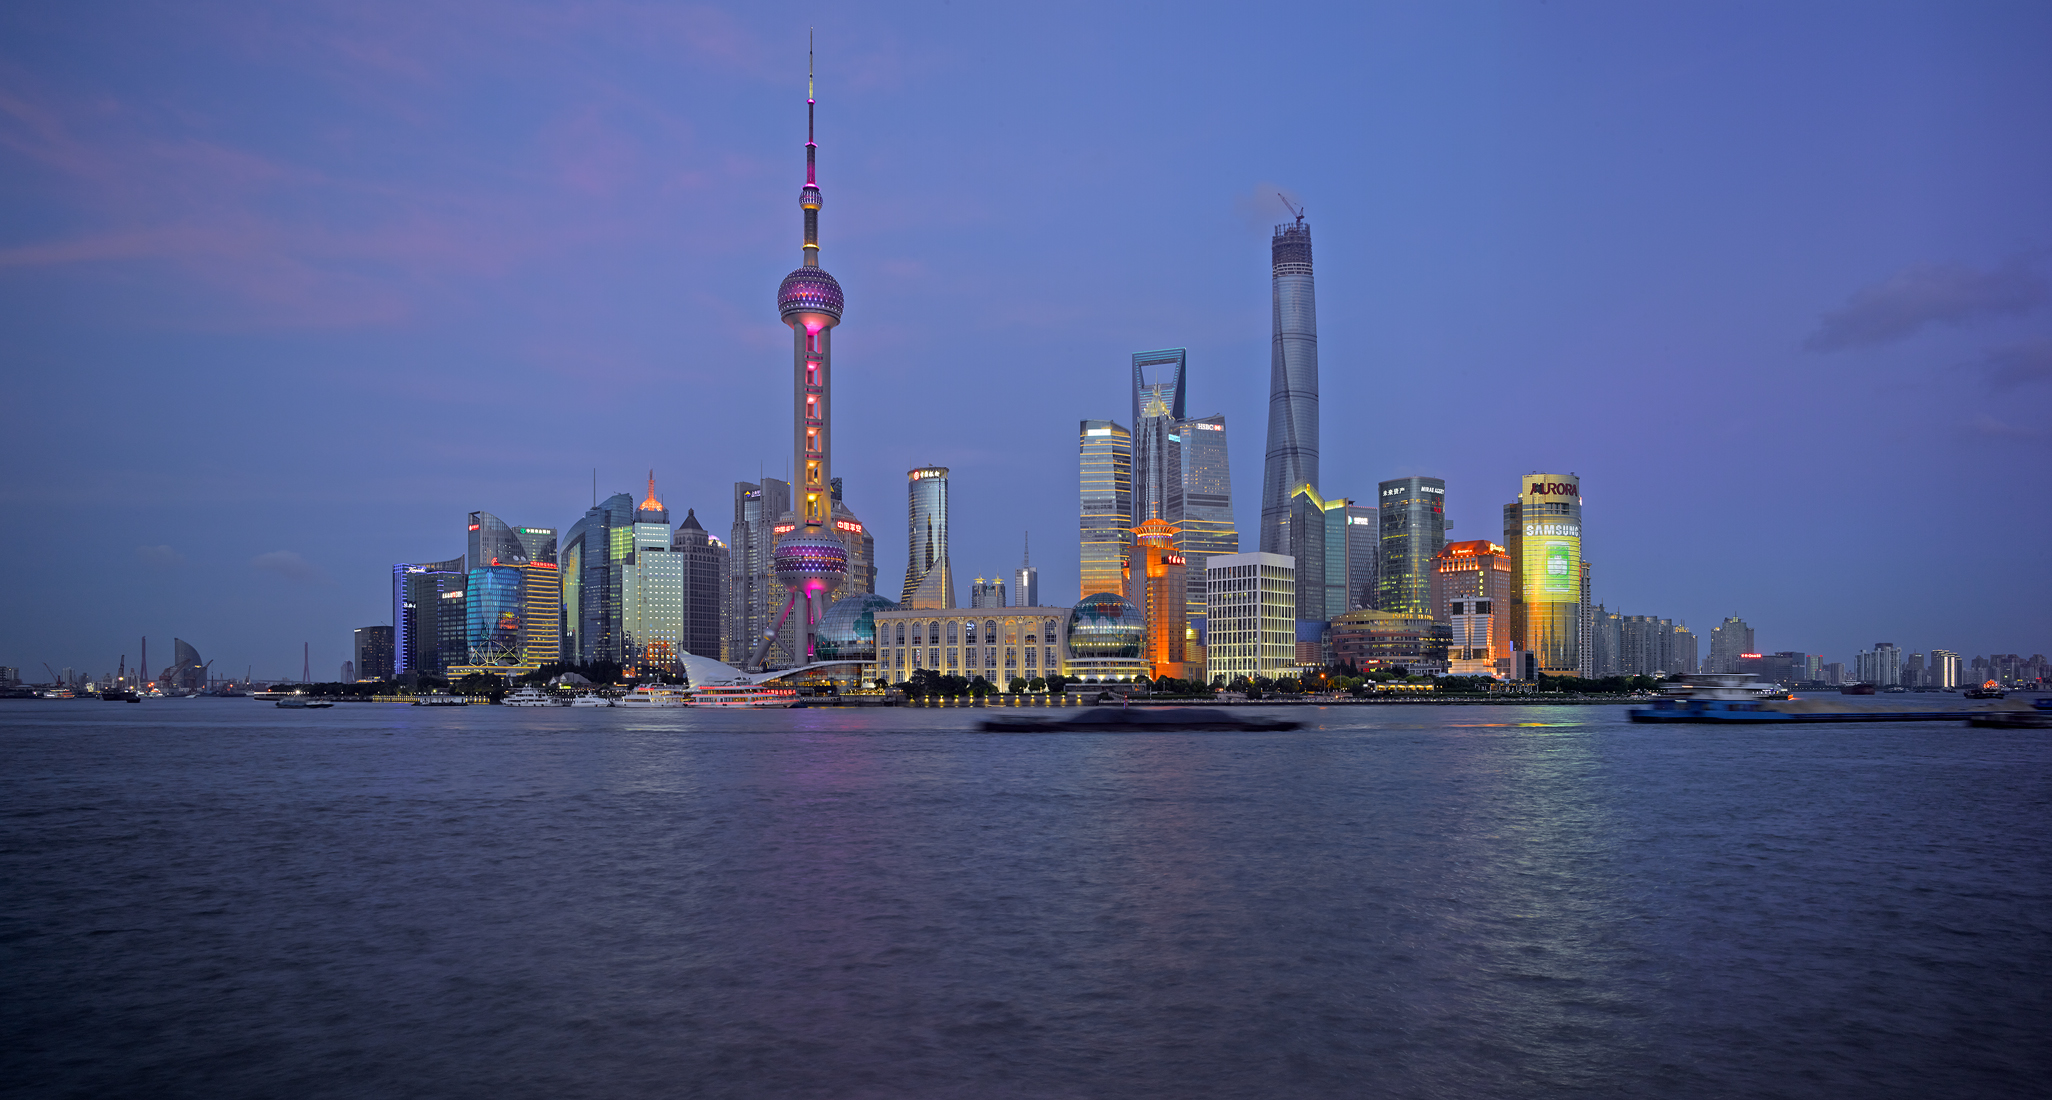 Lu, Shanghai